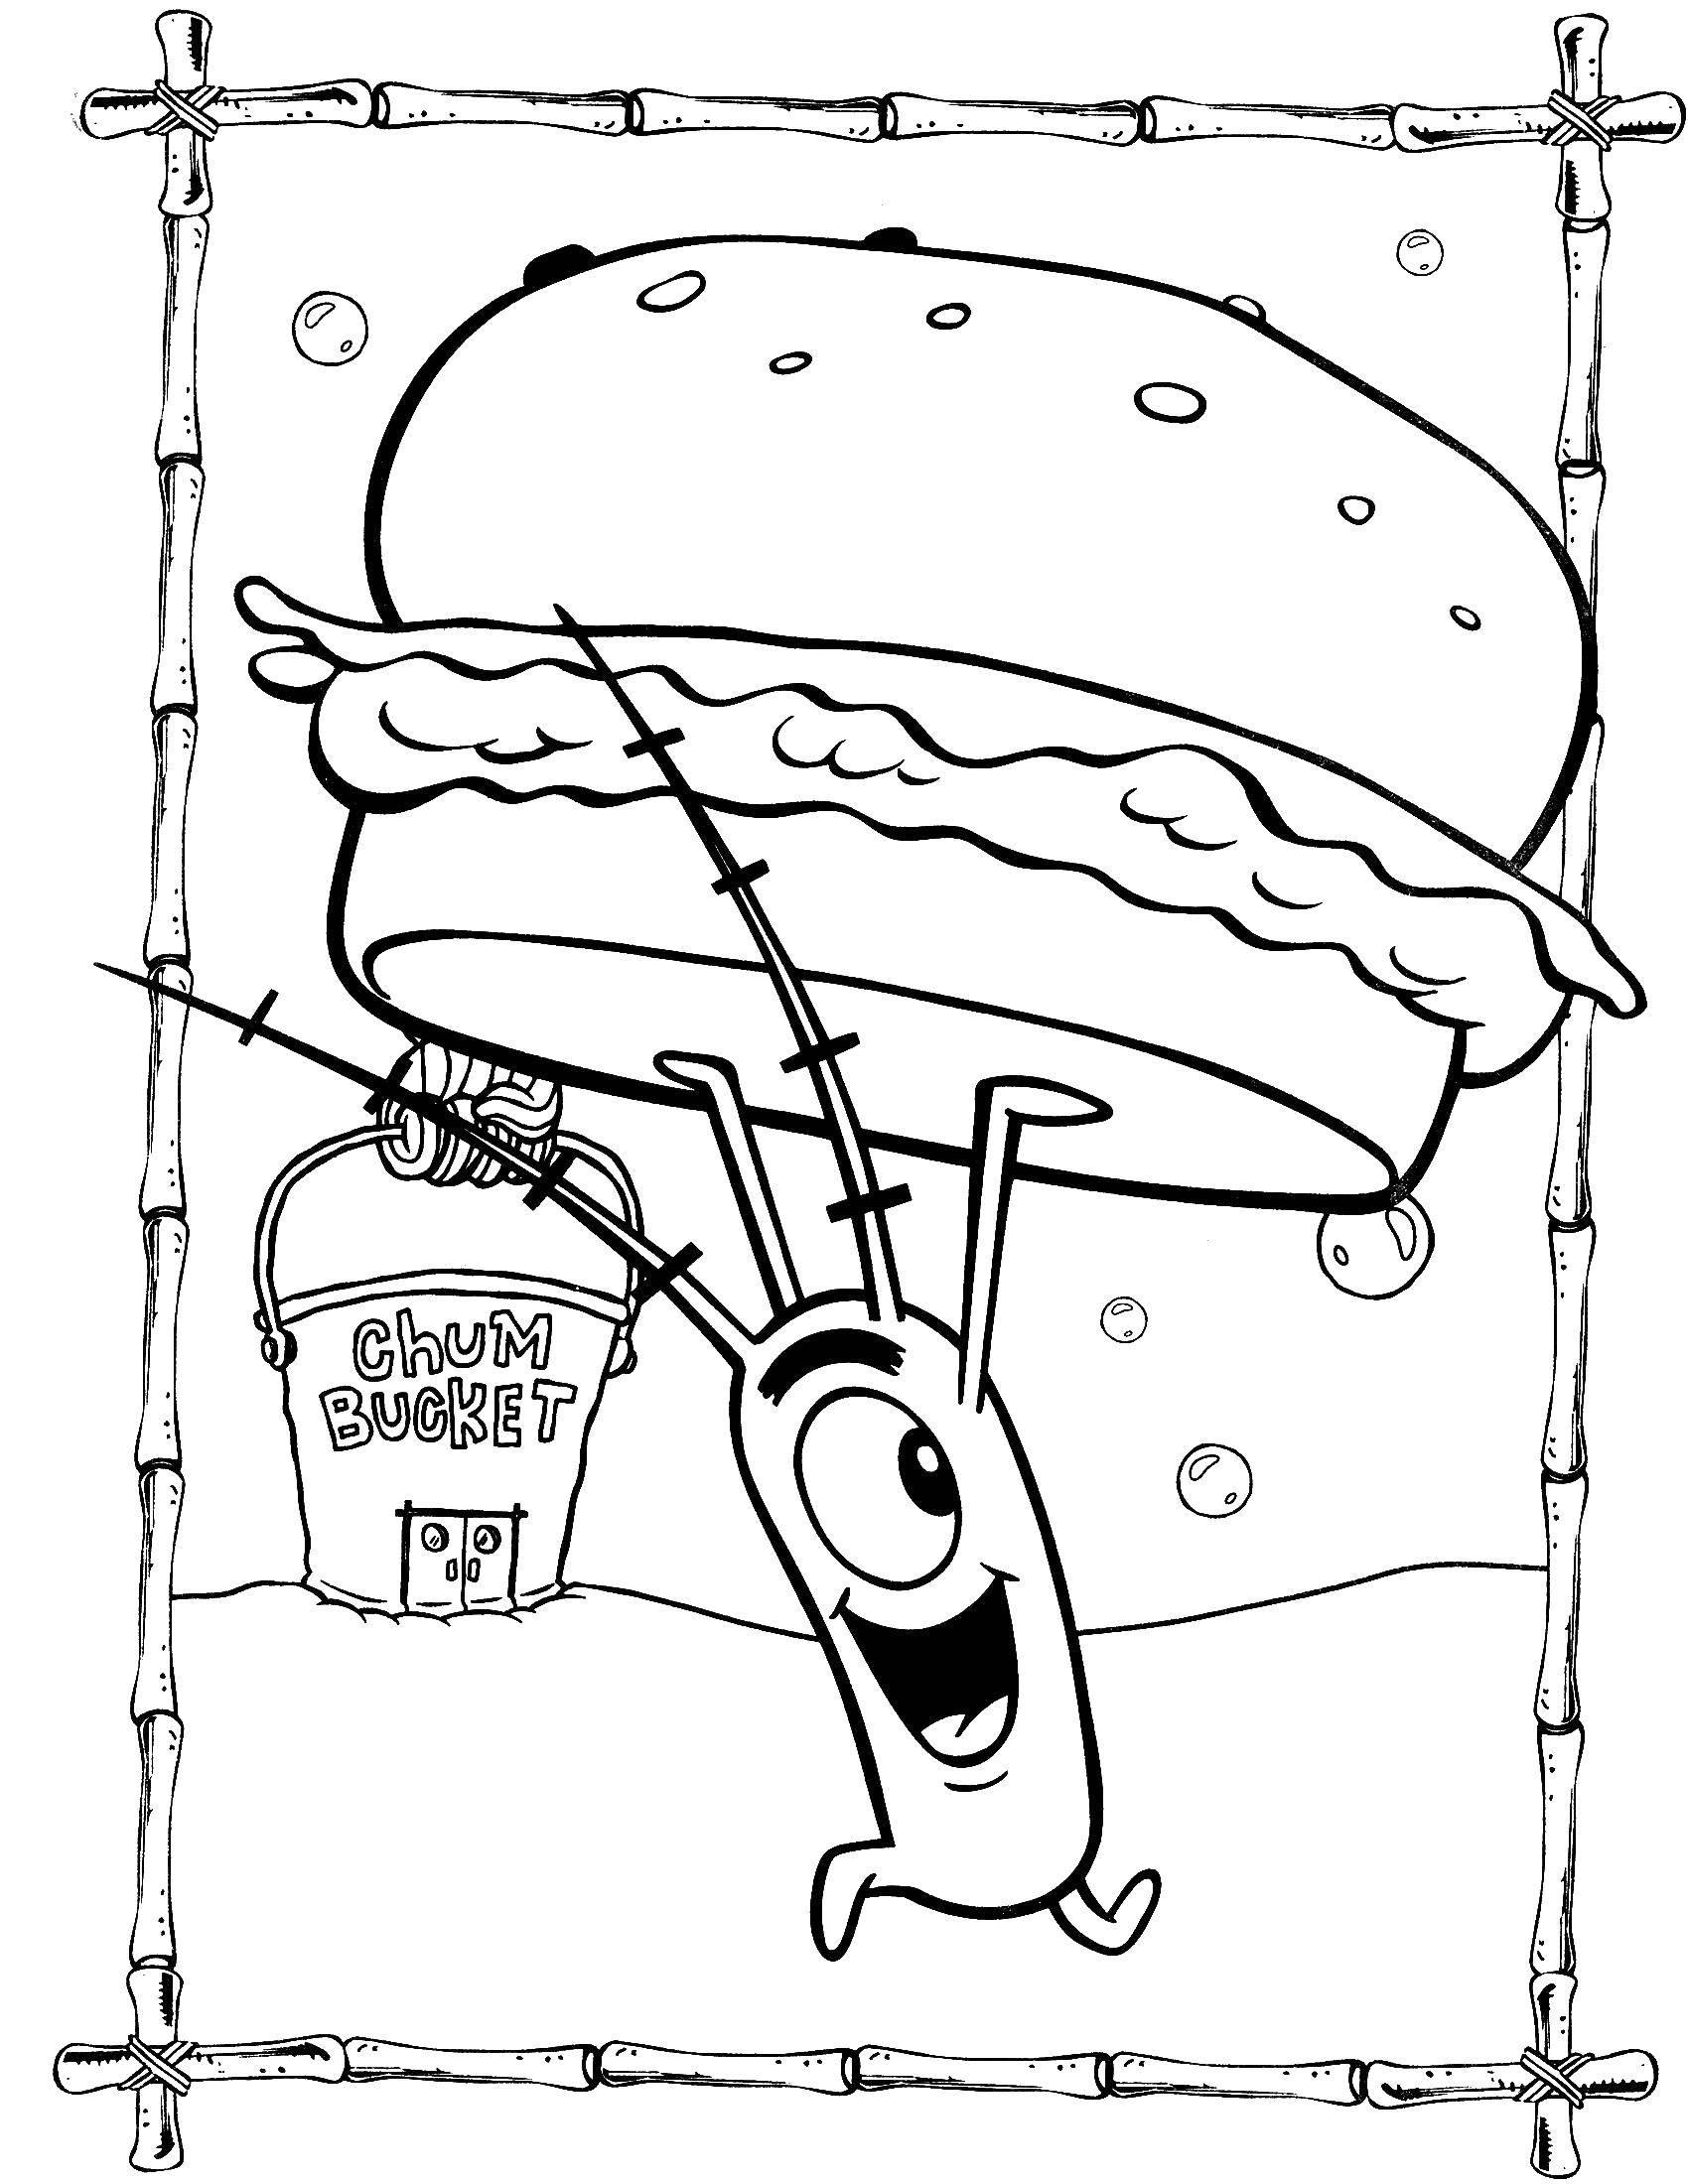 Раскраска Планктон с большим гамбургером. Скачать Планктон, Спанч боб.  Распечатать ,Спанч Боб,